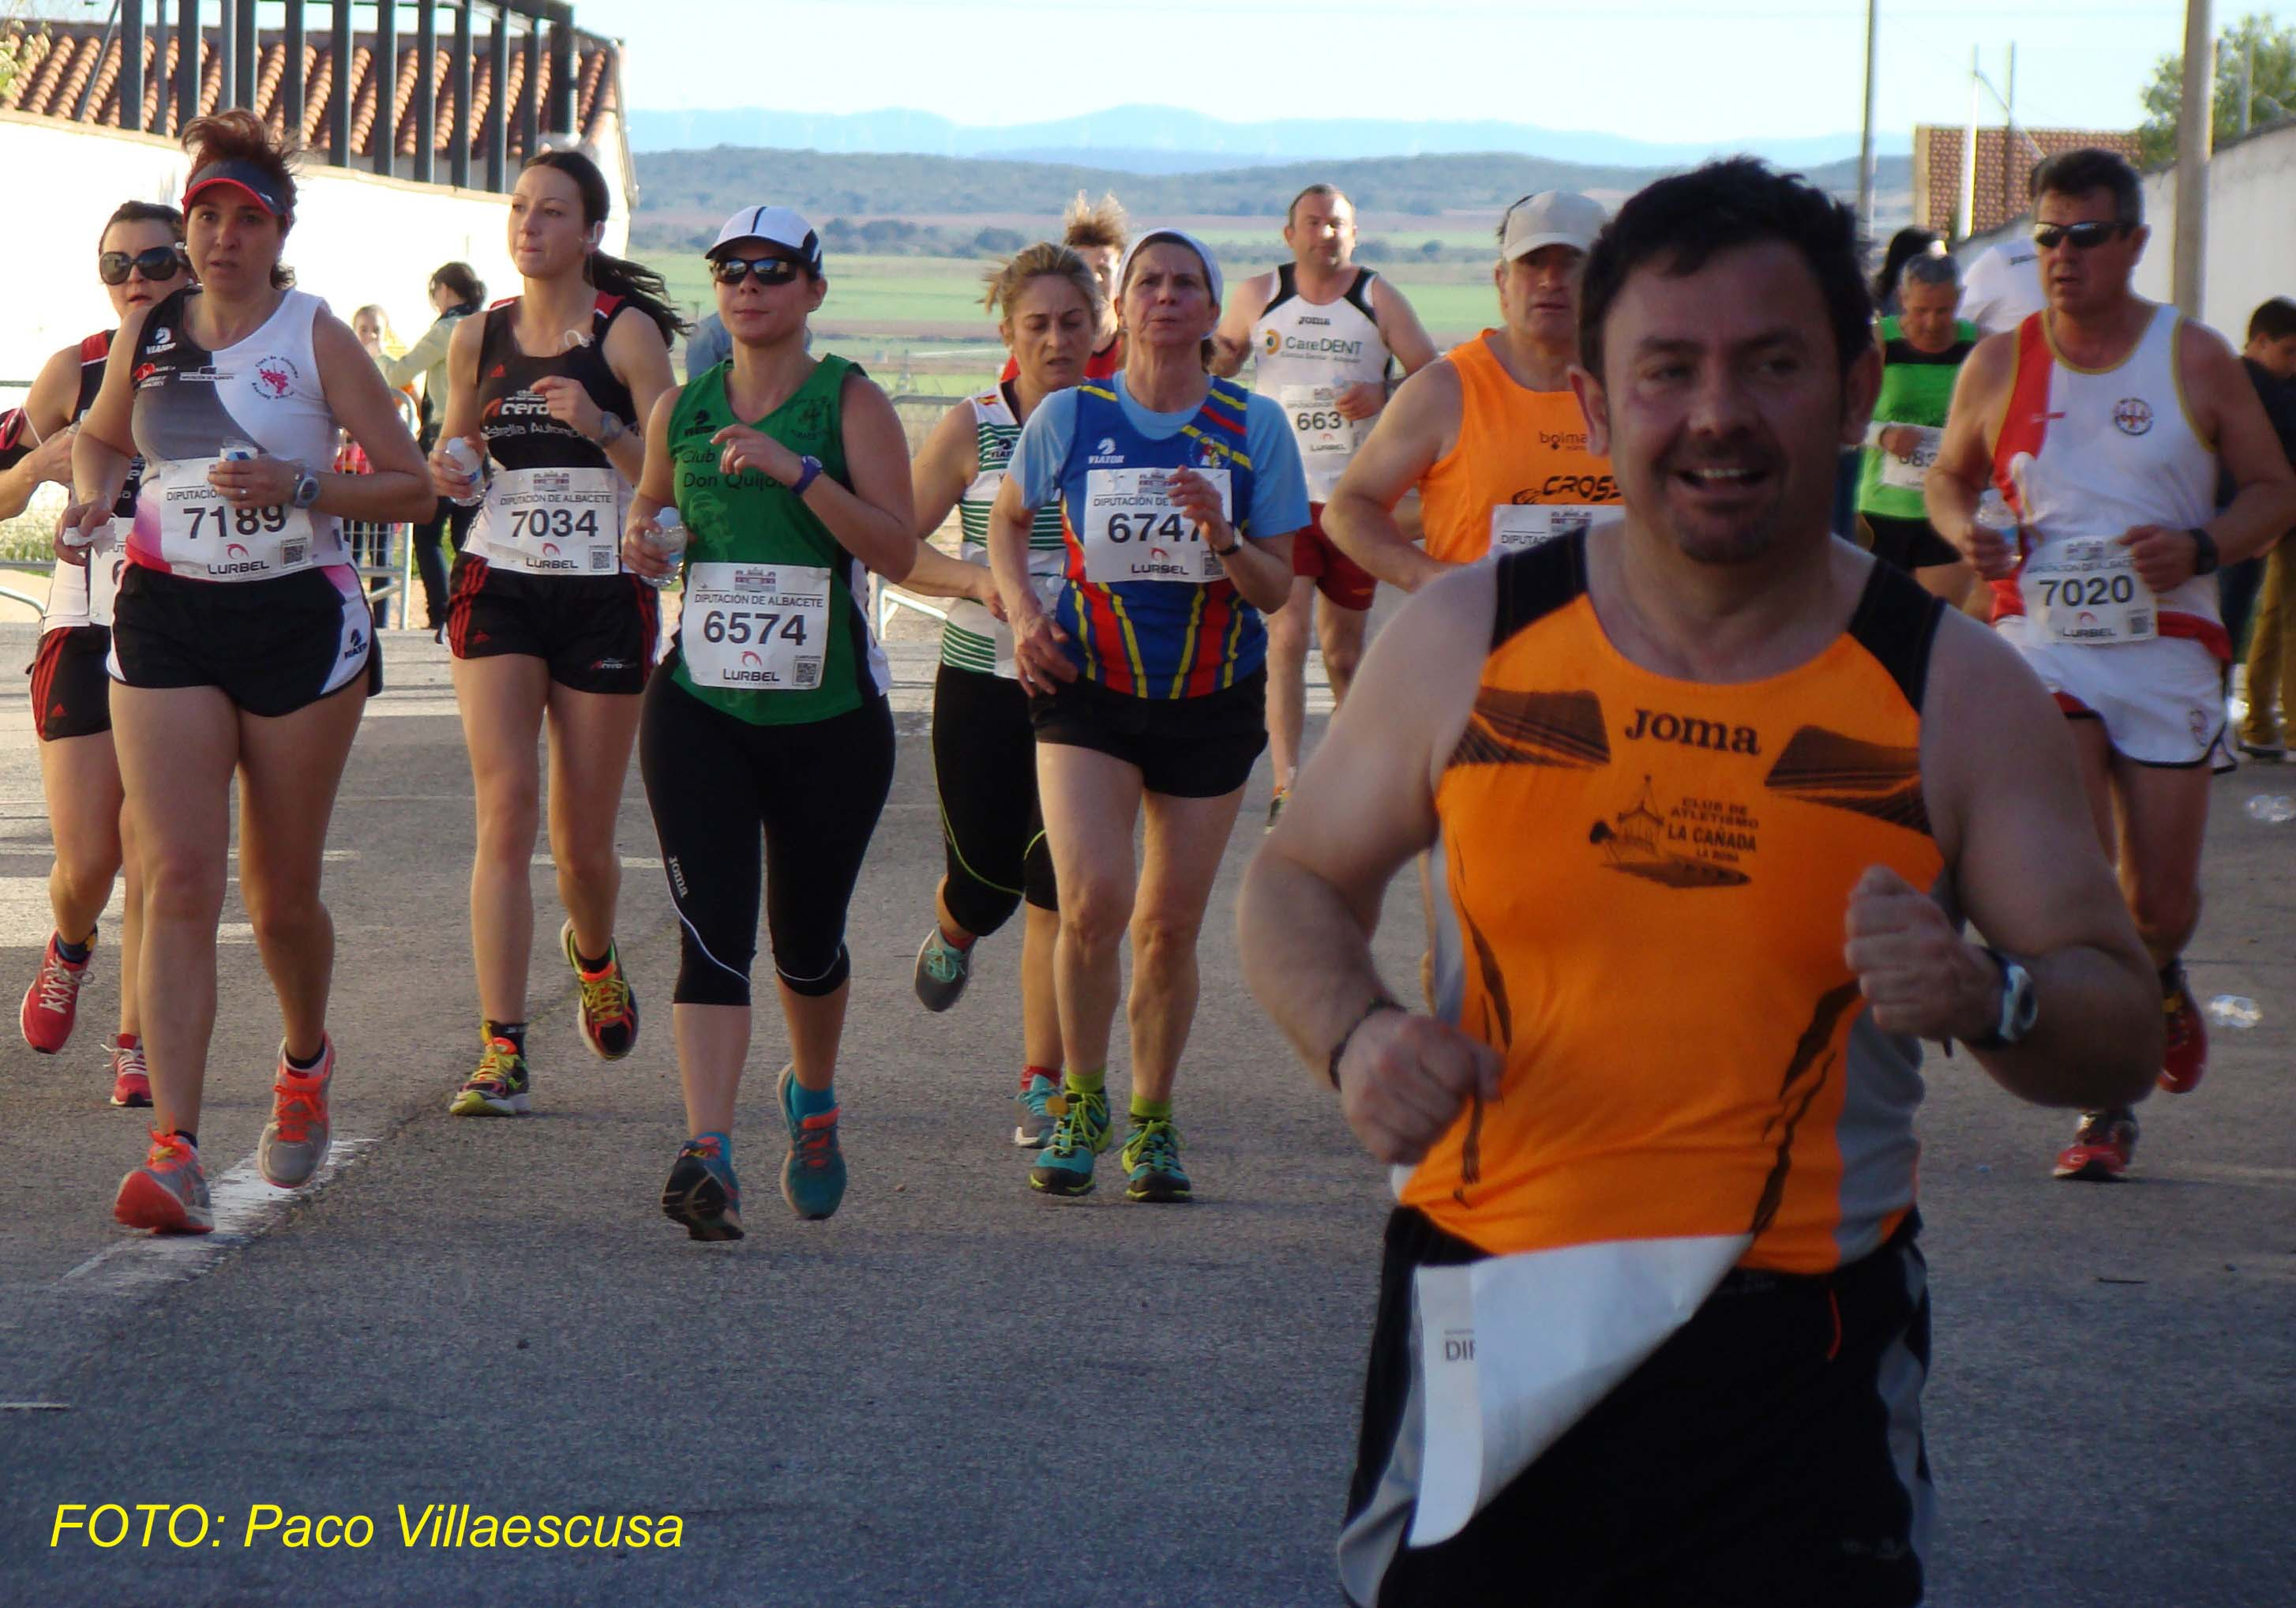 Atletas populares en Barrax 2 (Foto: Paco Villaescusa)